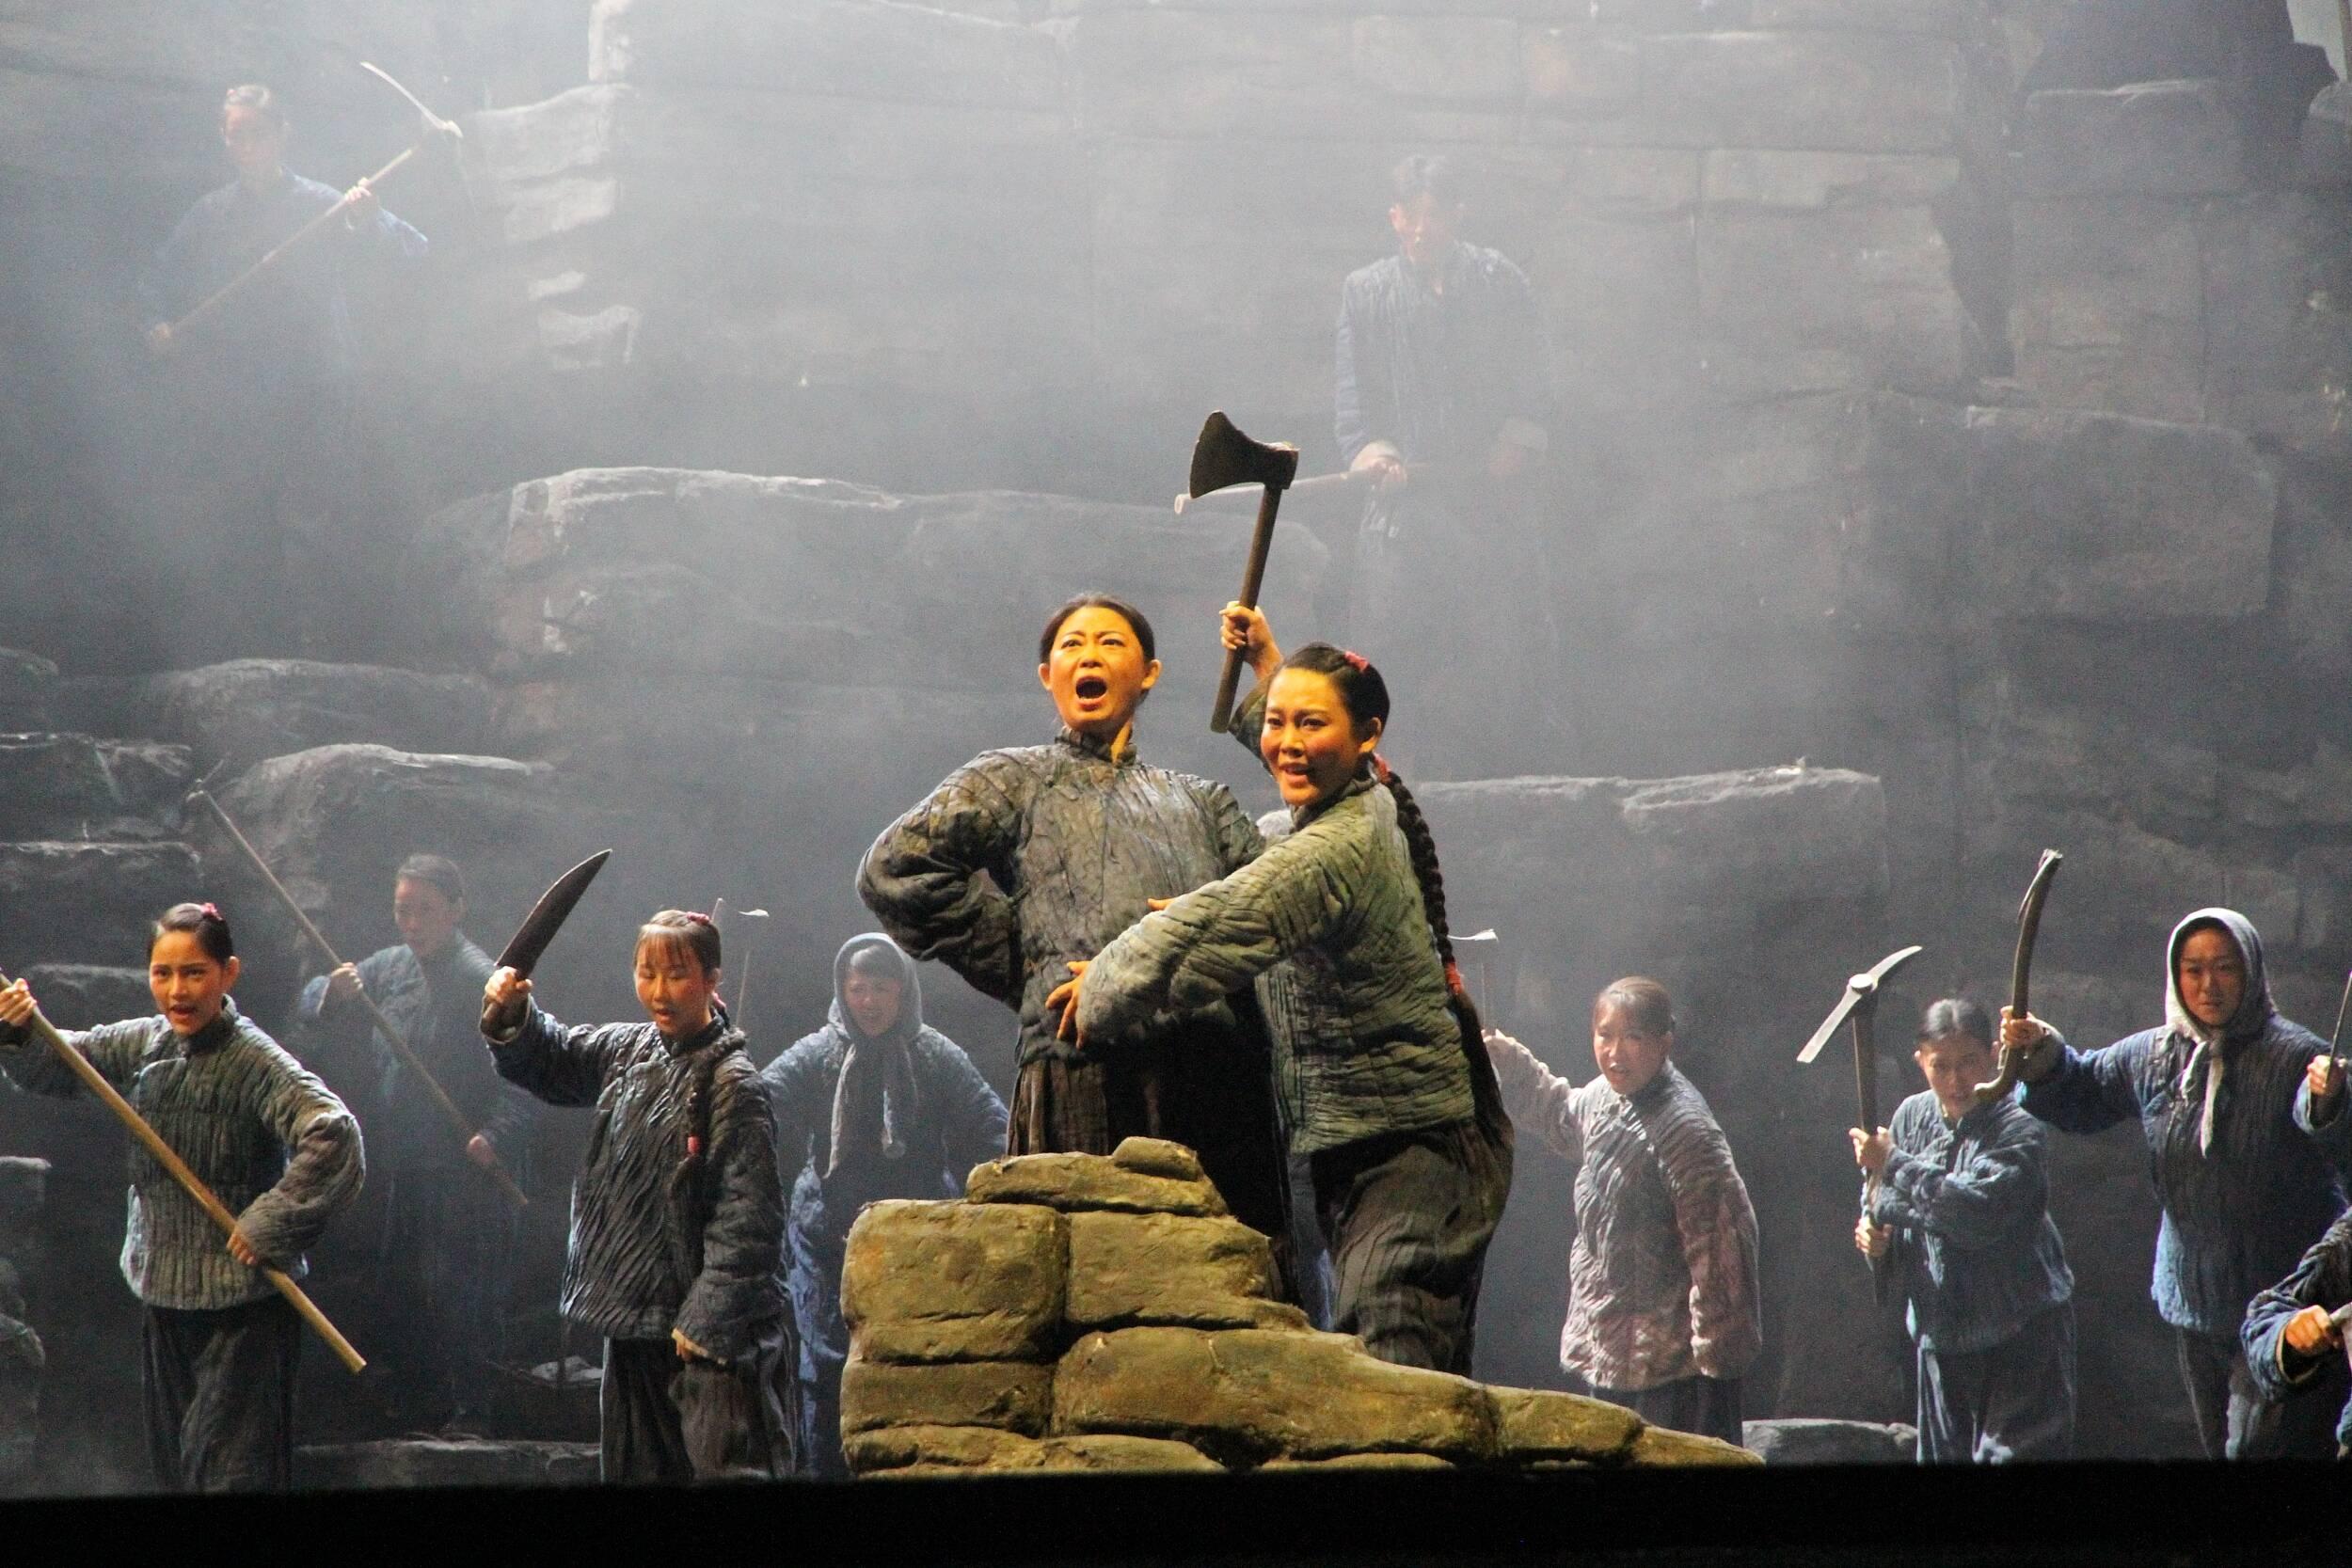 第四届中国歌剧节精彩剧目从济南开始!这些歌剧演出和文化惠民活动不容错过